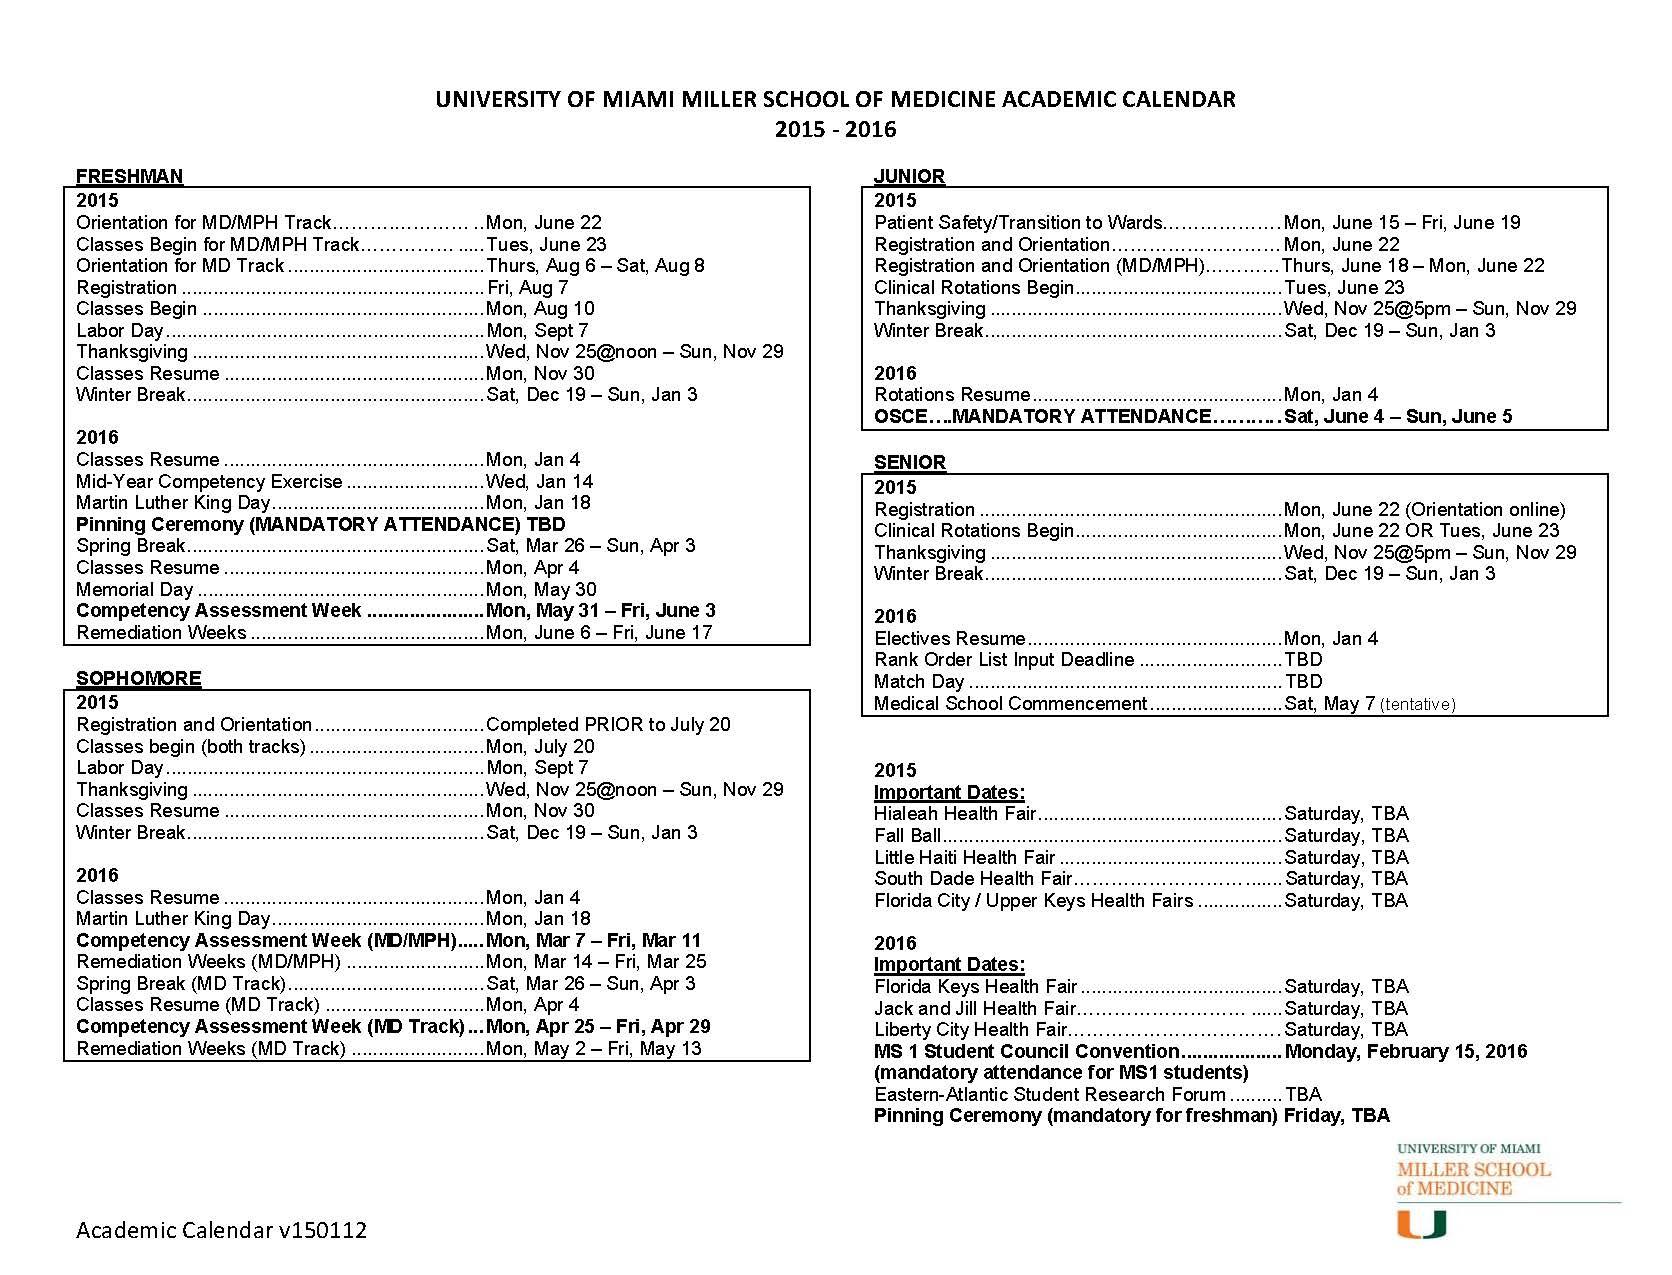 Umiami Academic Calendar